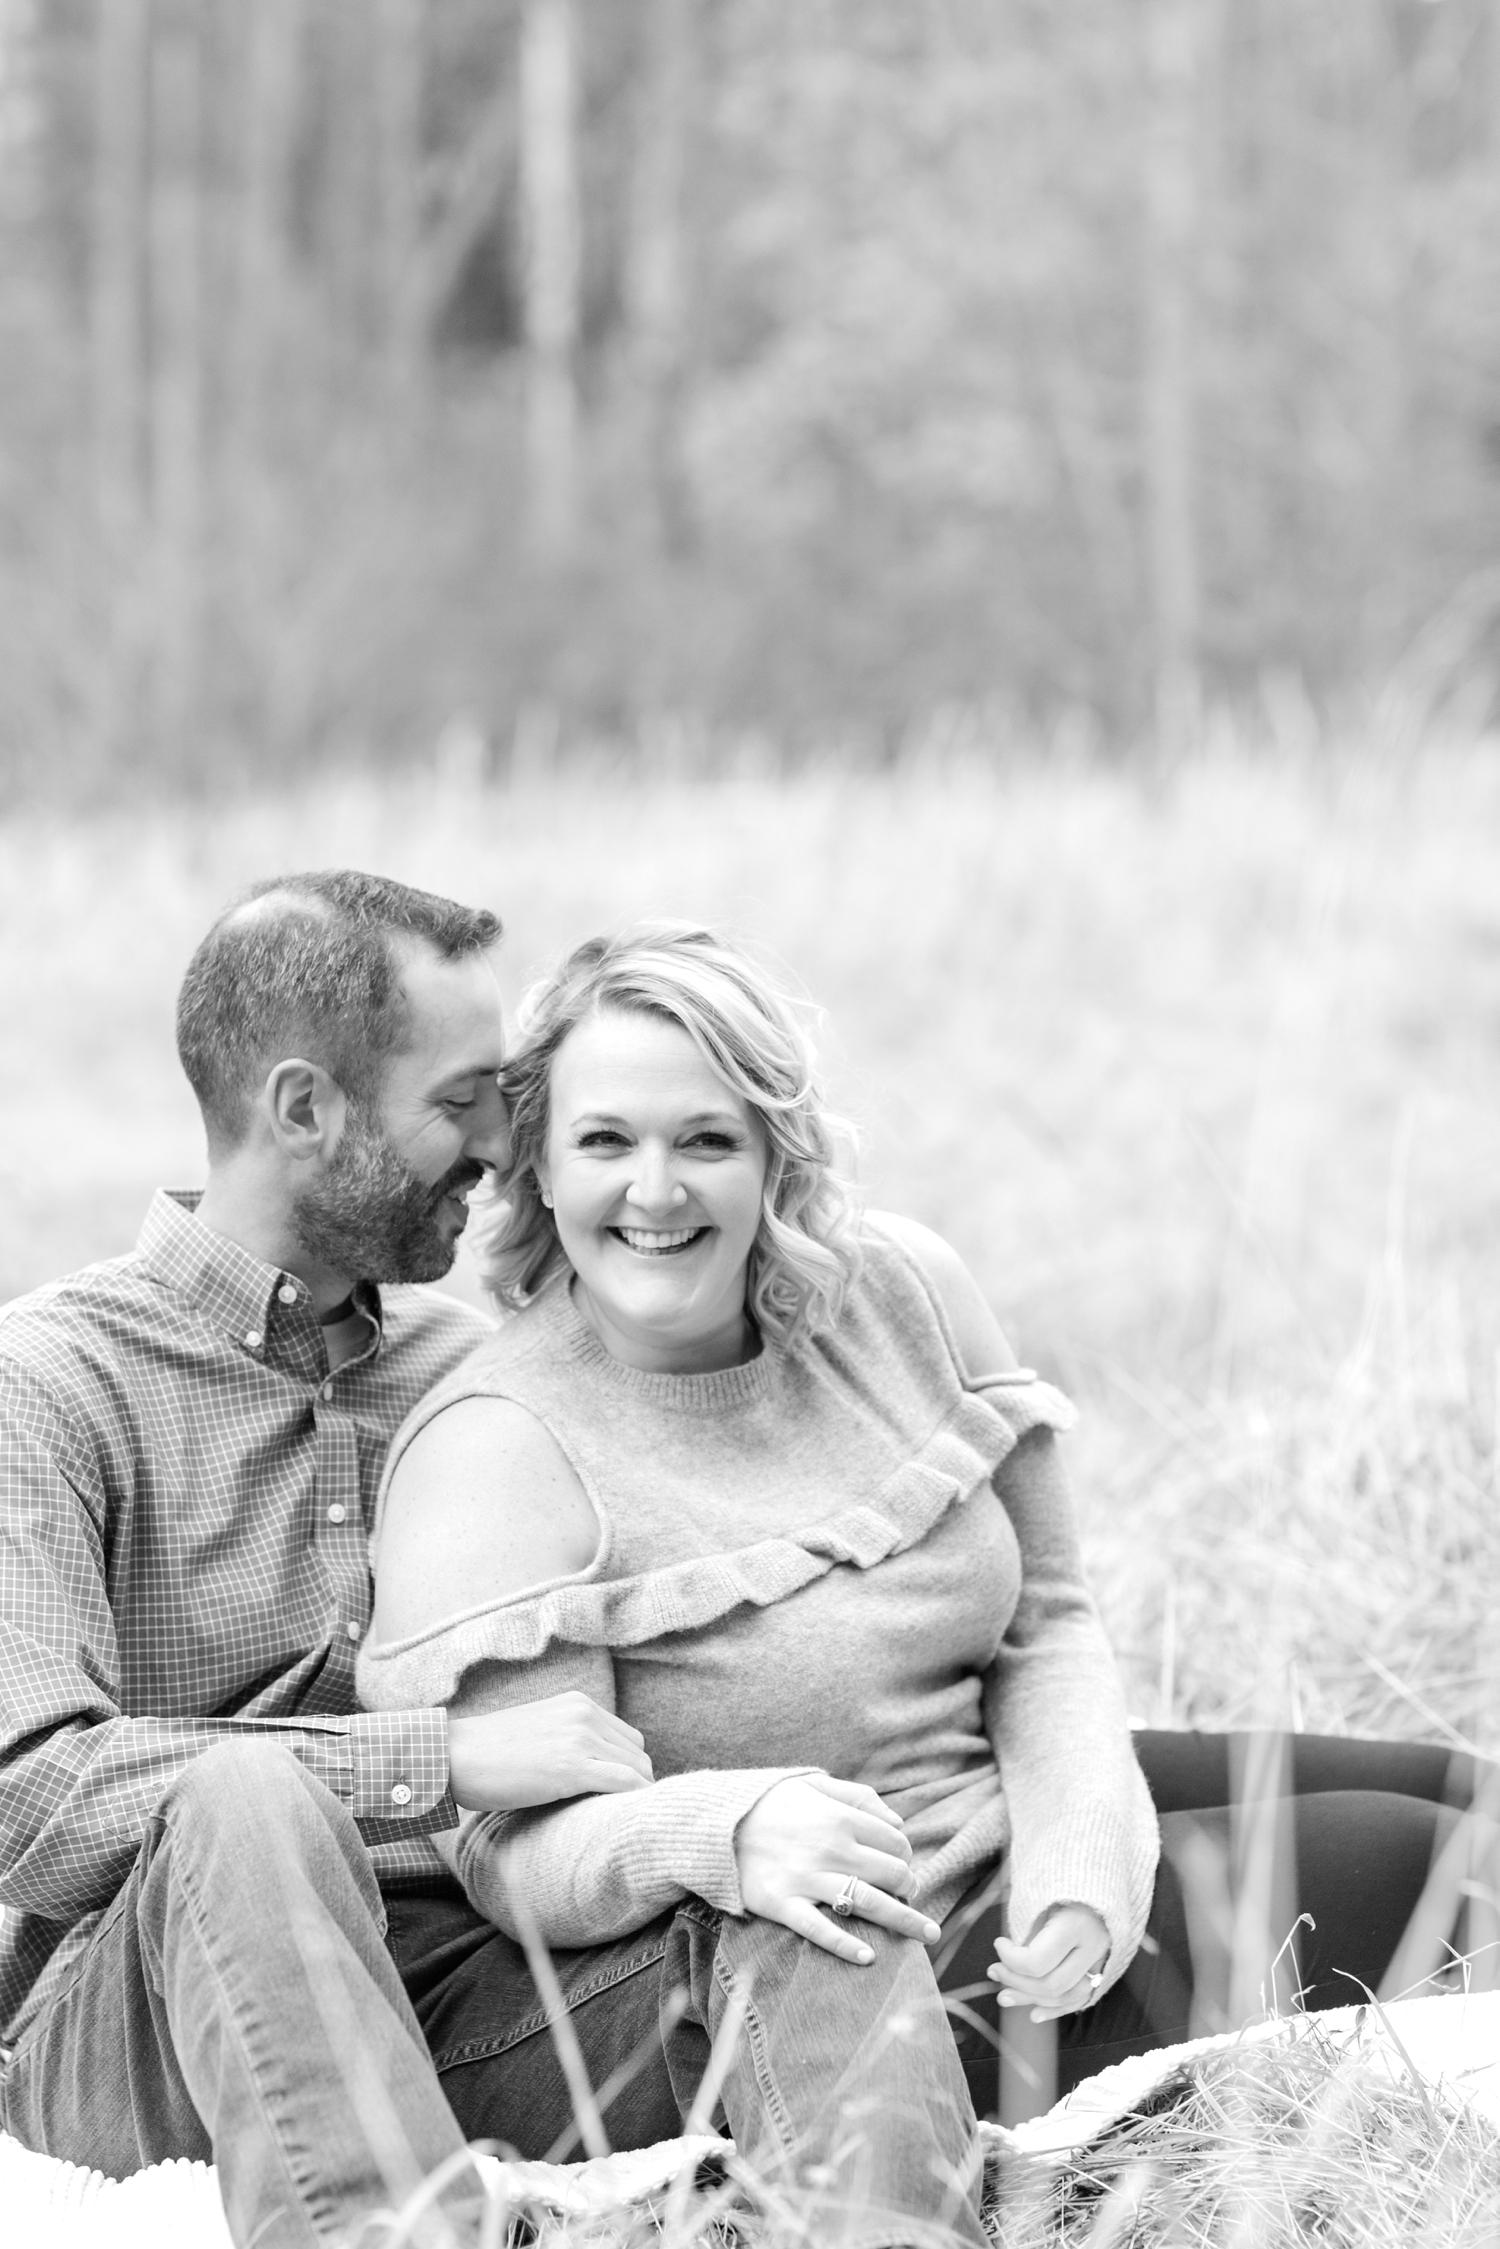 Emily Kordish & John Winkler Engagement-245_maryland-and-virginia-engagement-photographer-anna-grace-photography-photo.jpg